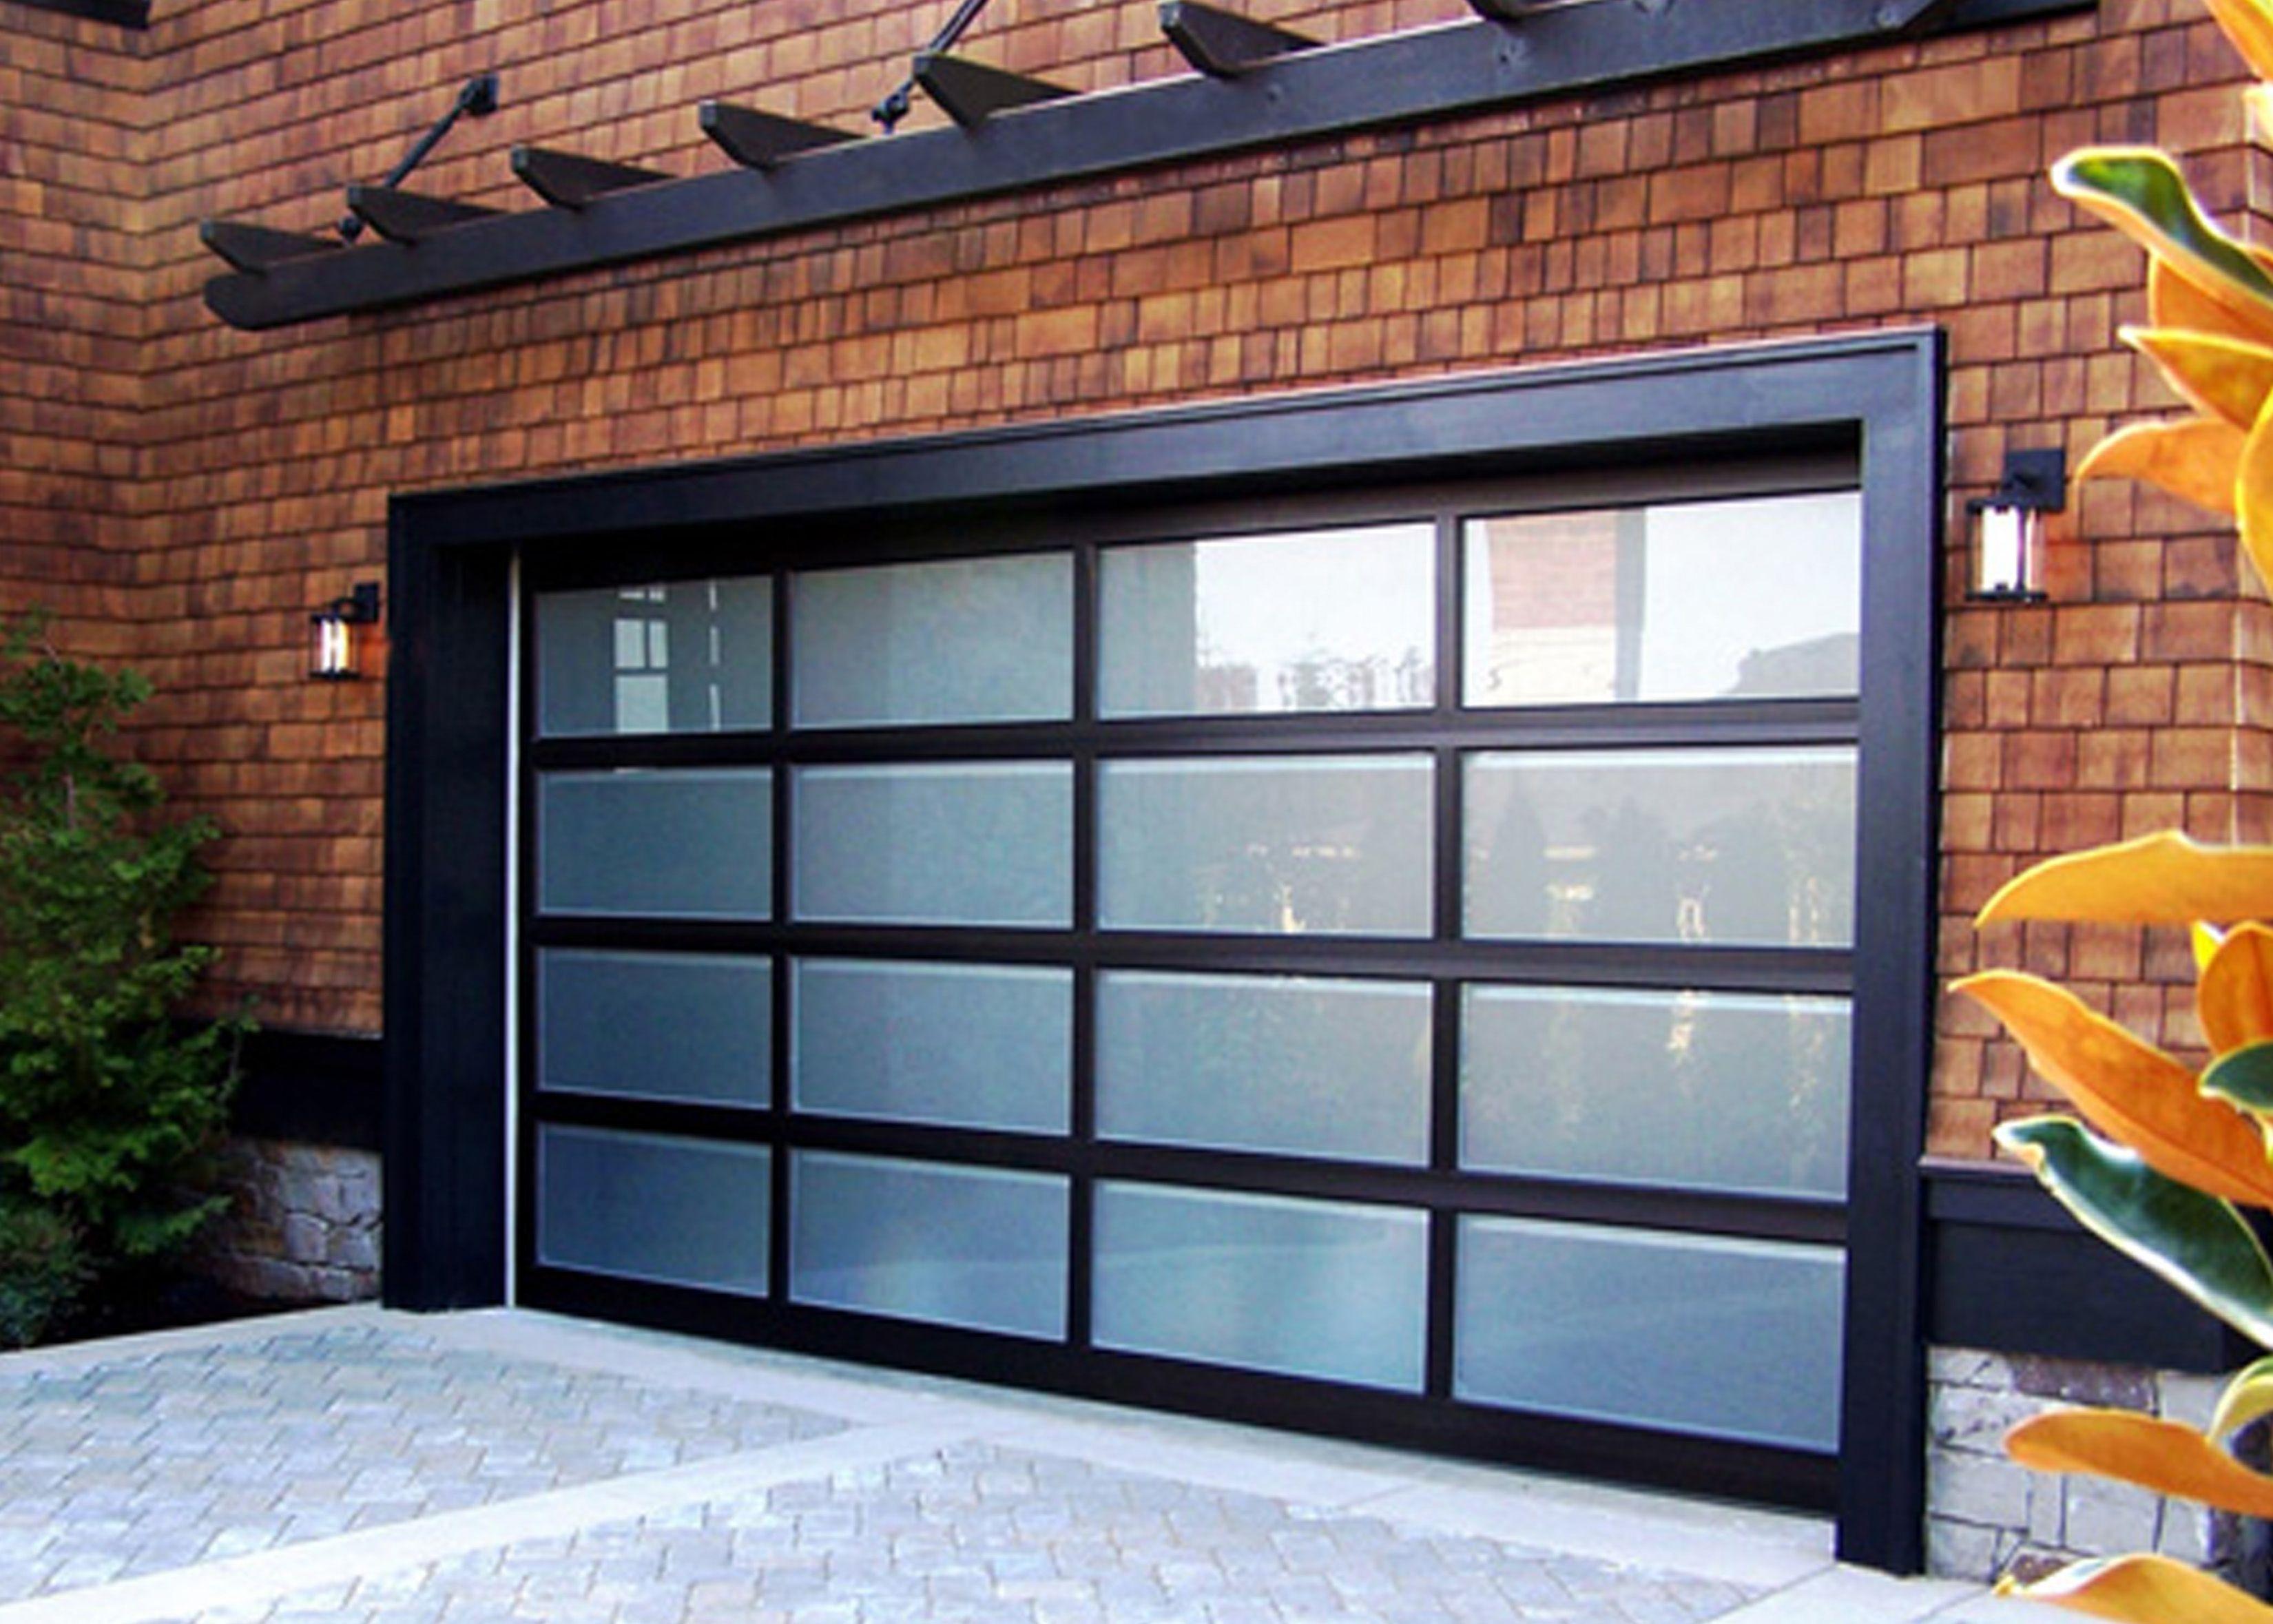 Door Minimalist Black Glass Garage With Man Doors For Brick Wall